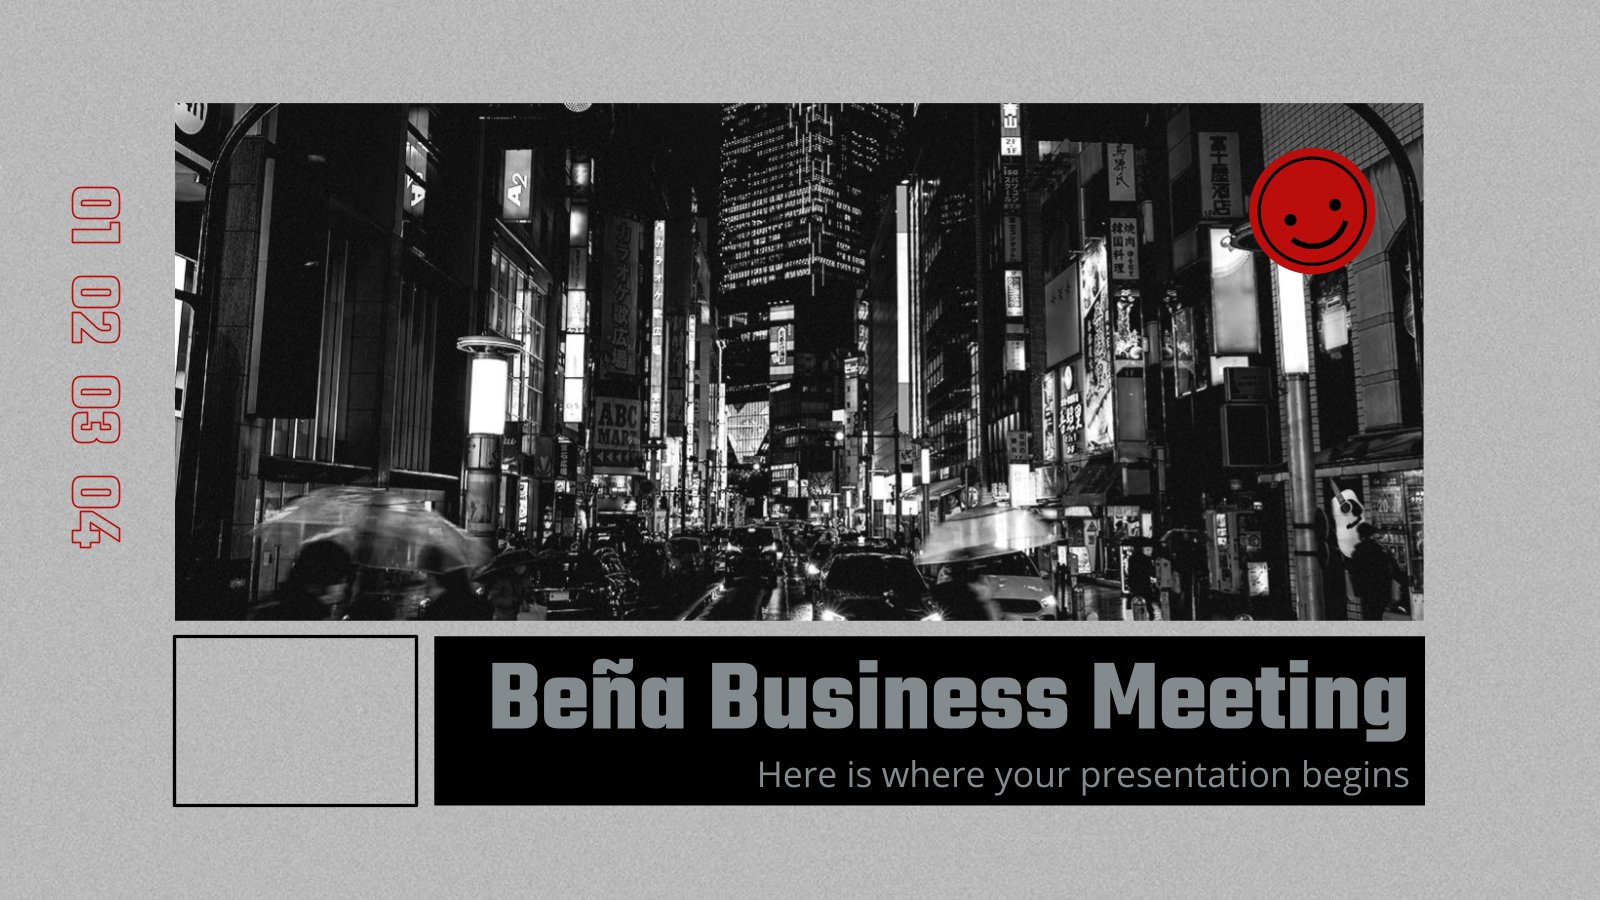 Modelo de apresentação Reunião de negócios Beña